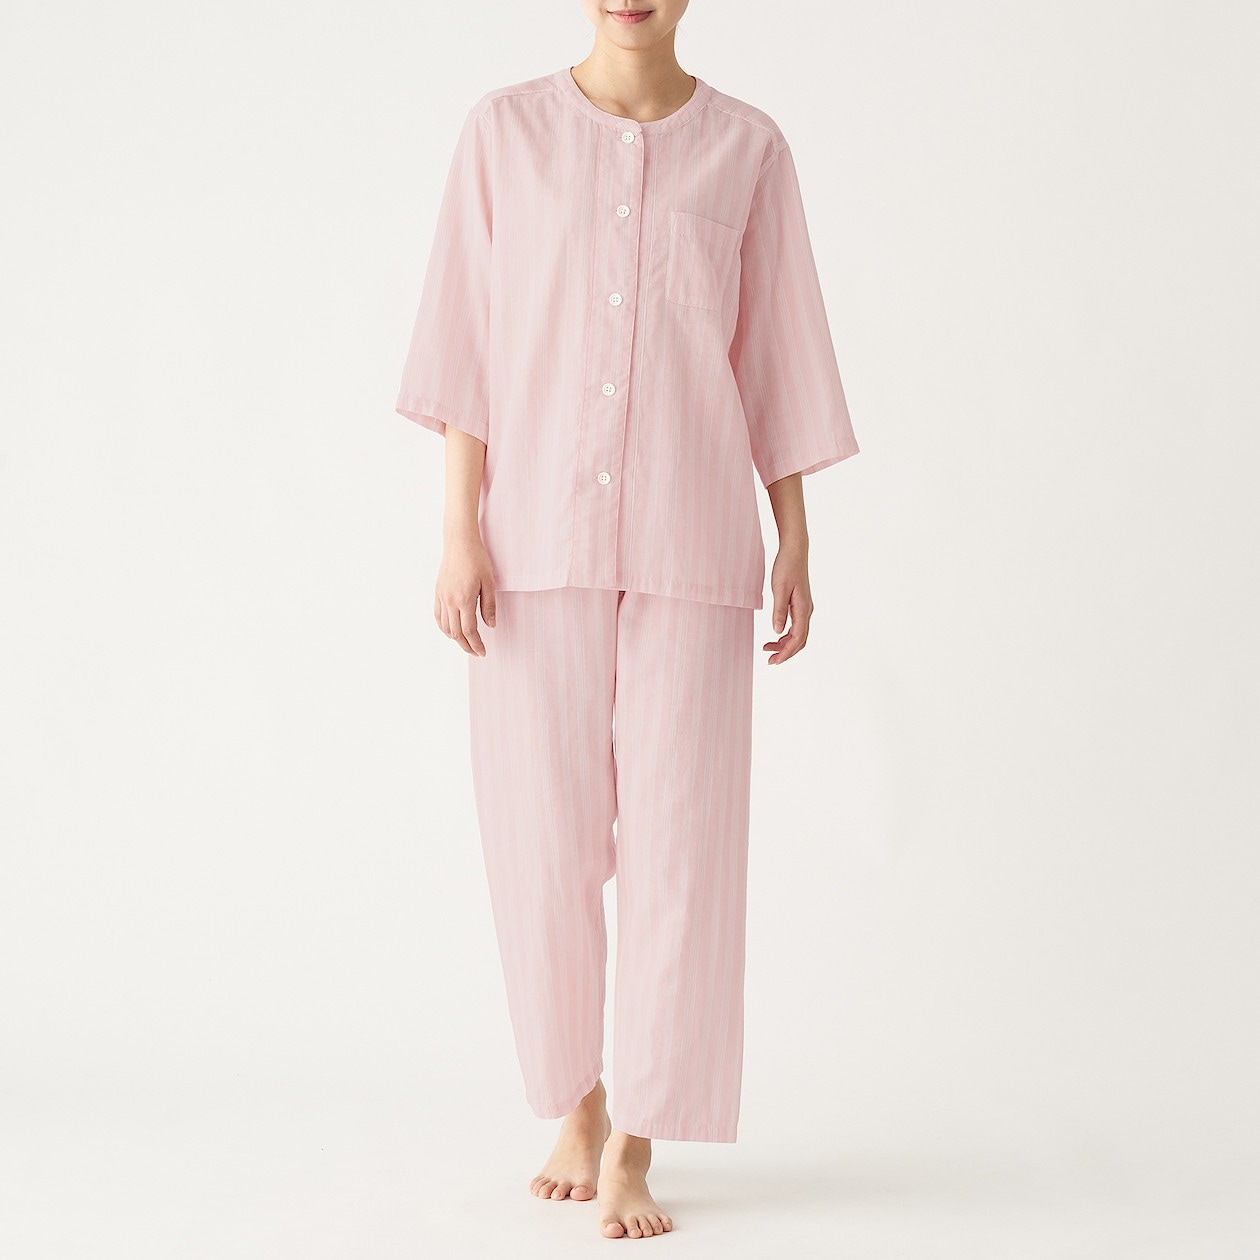 無印良品 『脇に縫い目のない 細番手二重ガーゼ七分袖パジャマ』